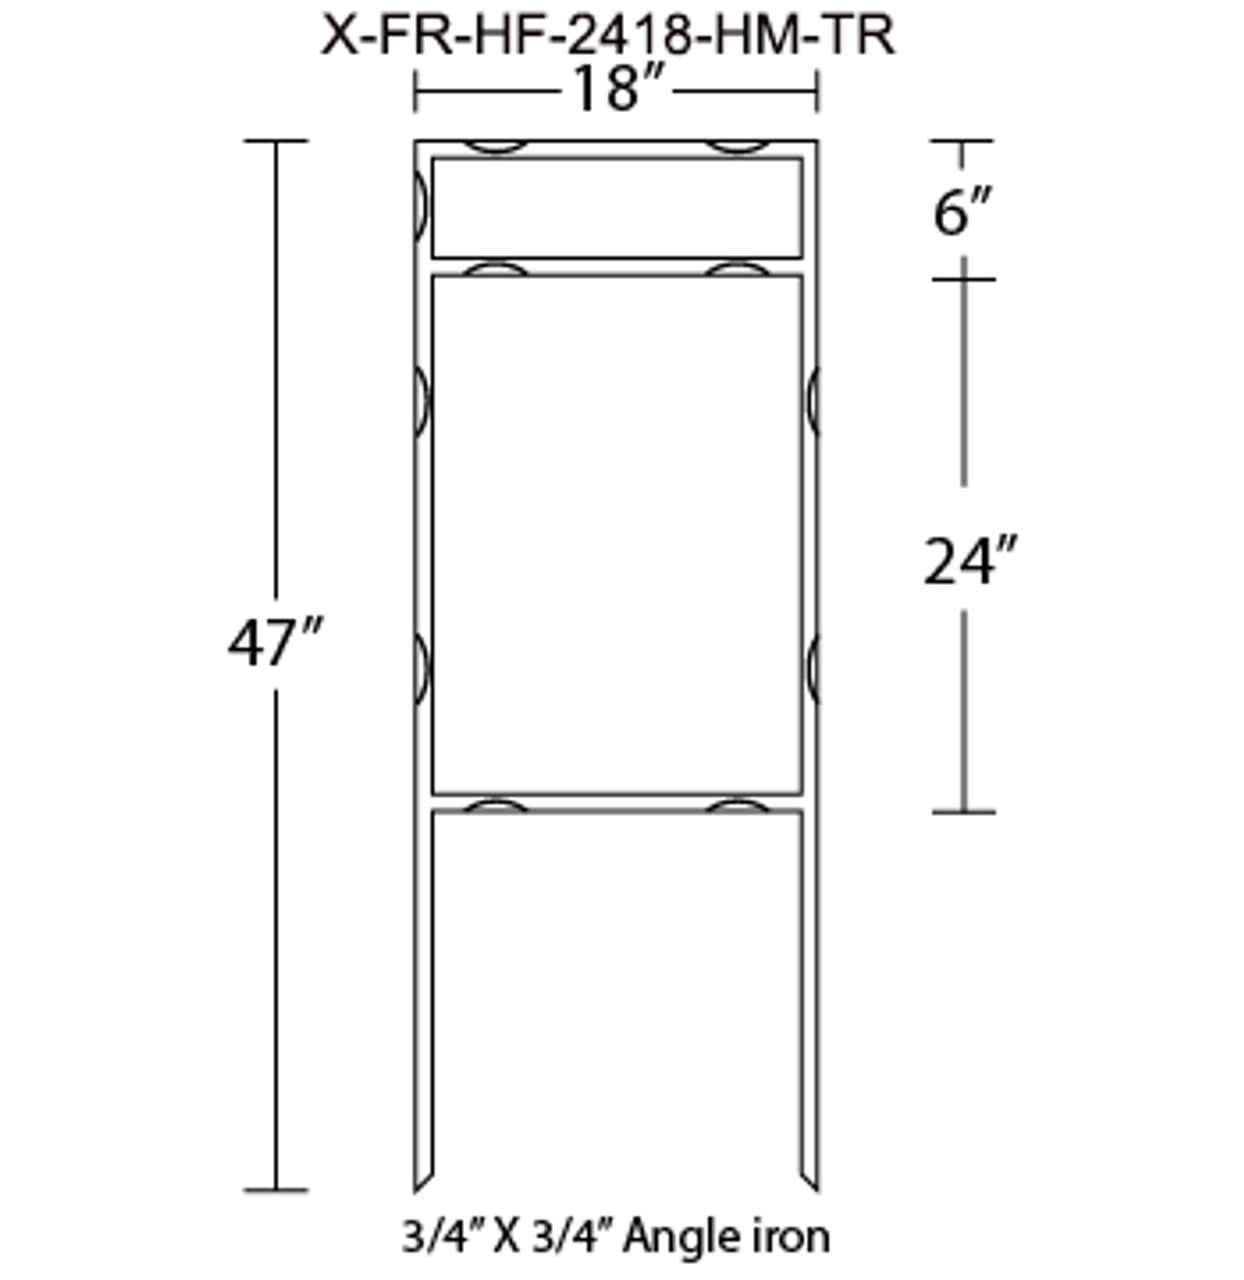 X-FR-HF-2418-HM-TR